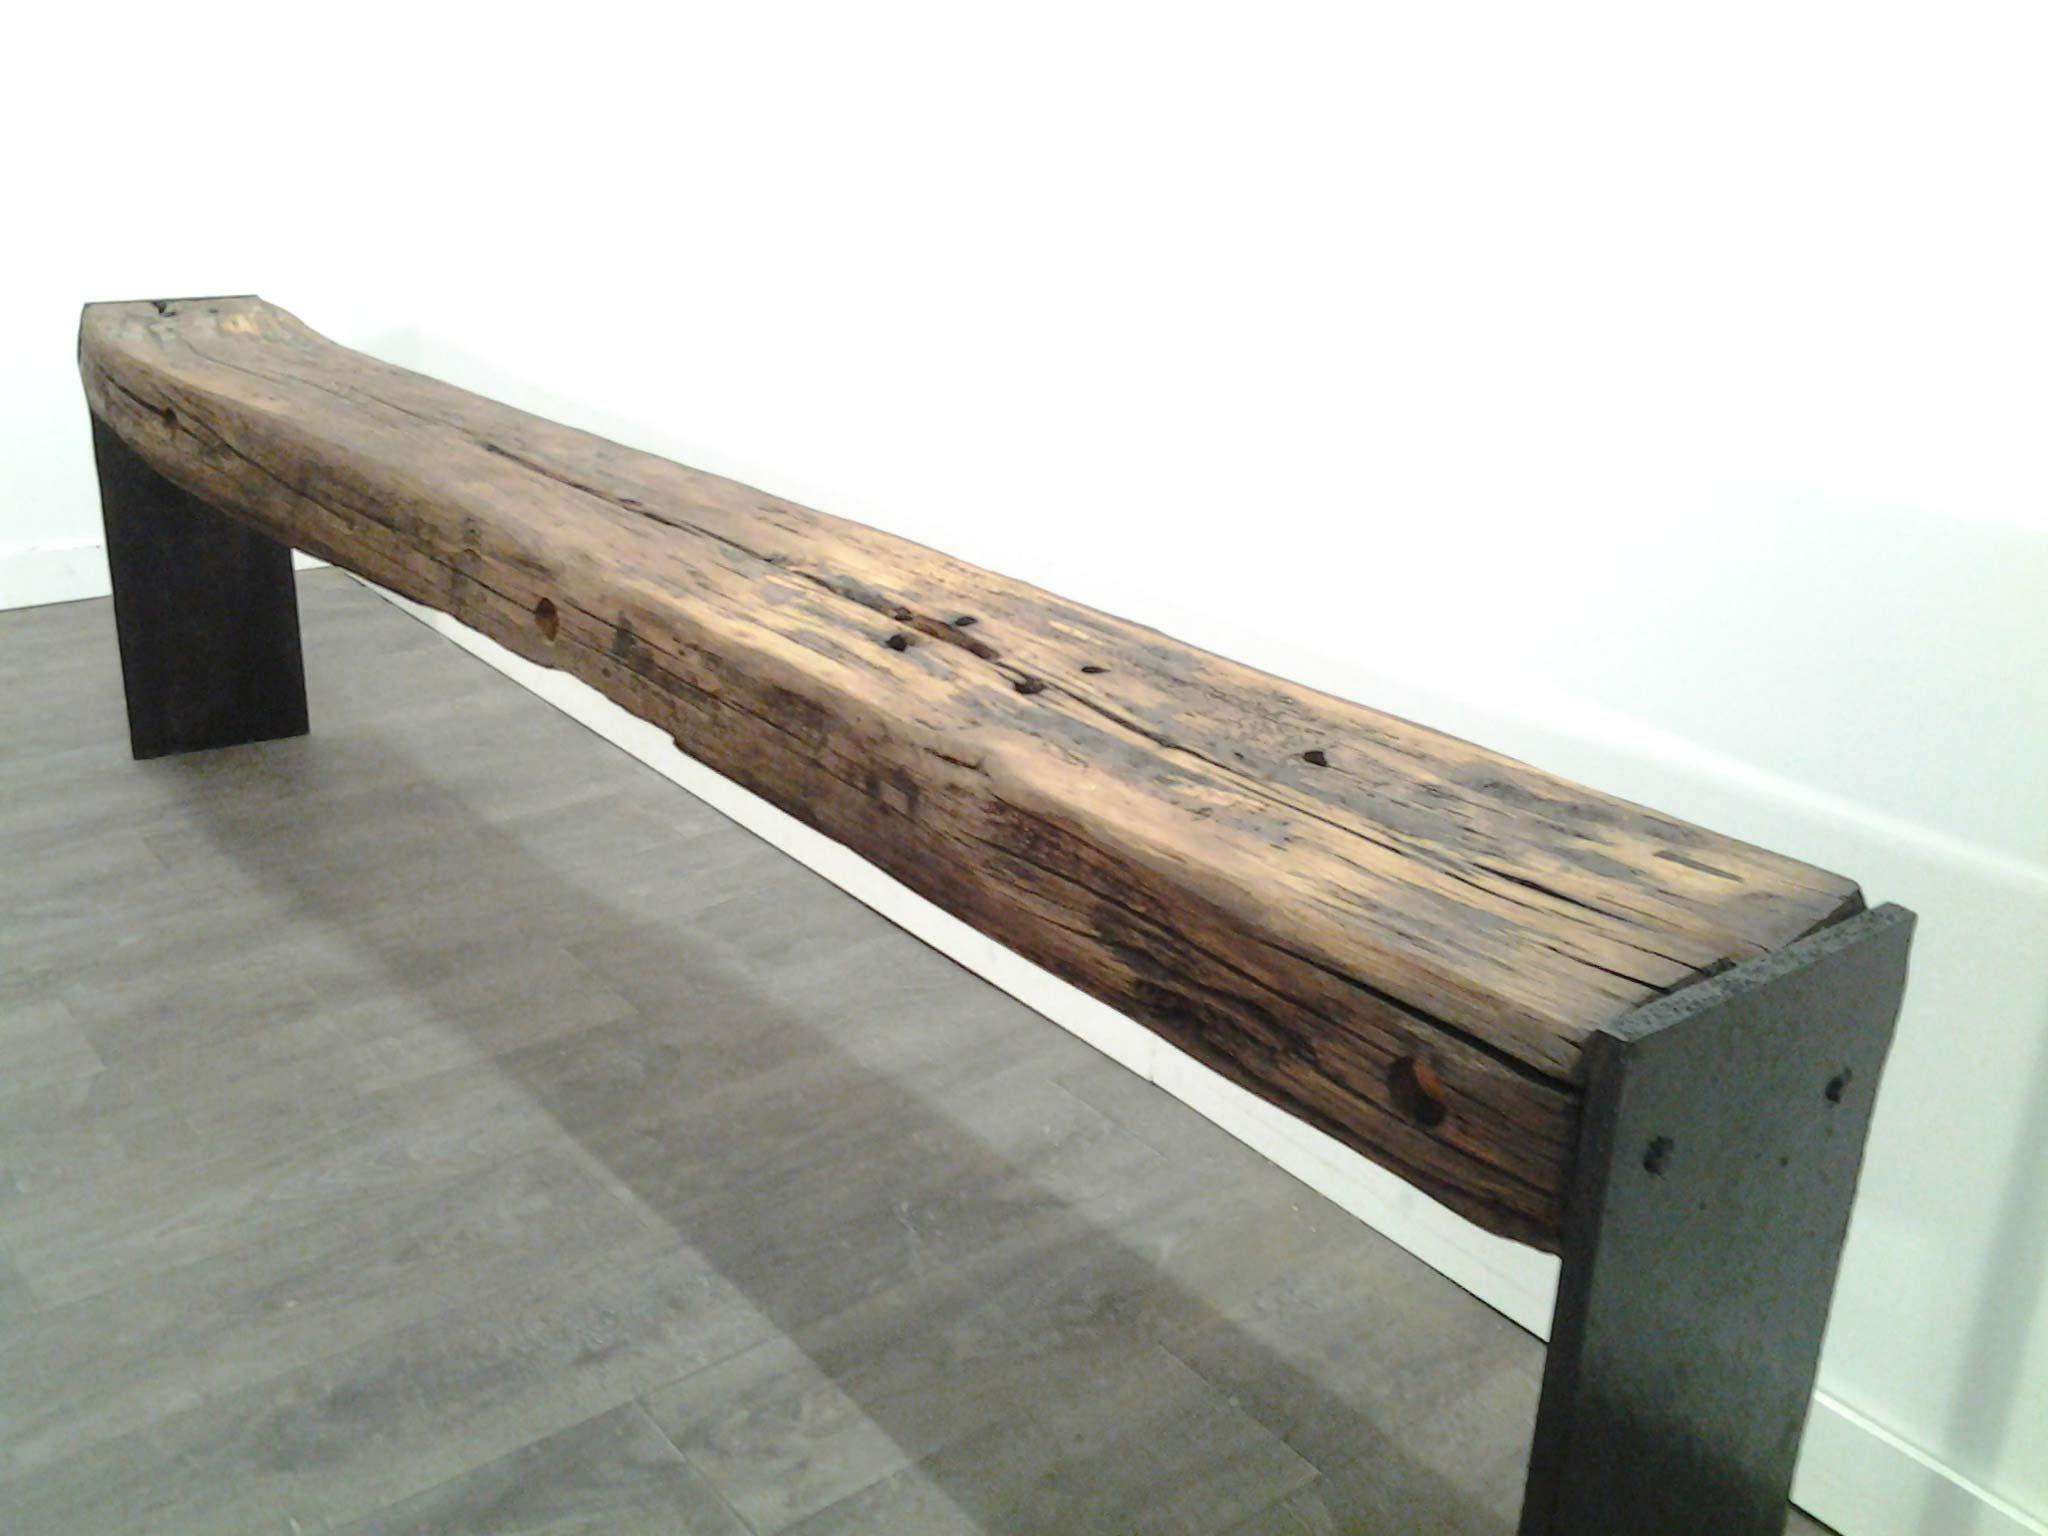 banc poutre ch ne mobilier d coration bois brut pinterest poutre chene poutres et bancs. Black Bedroom Furniture Sets. Home Design Ideas